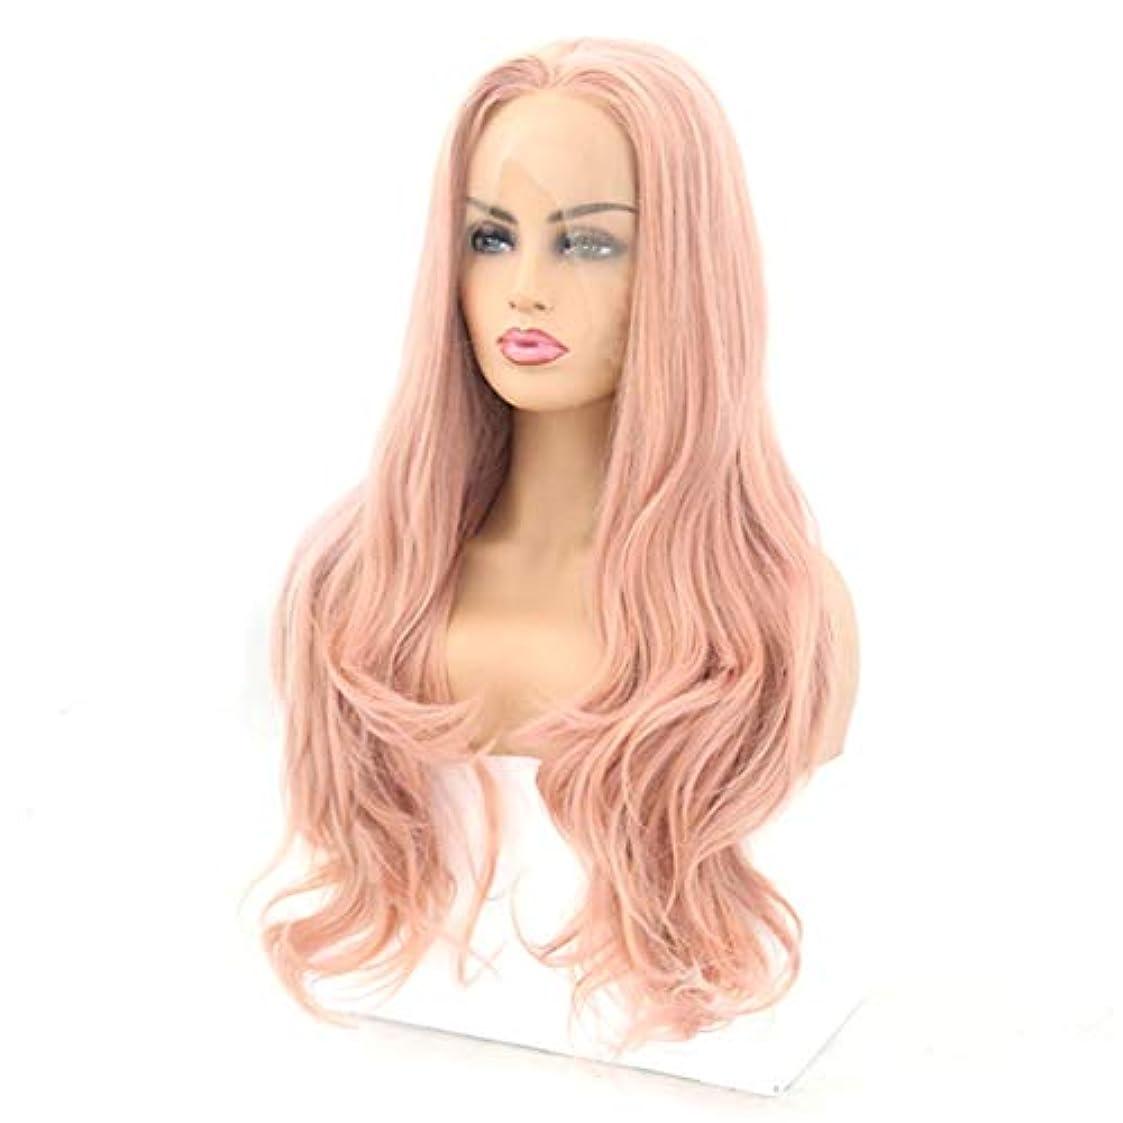 予報観光遊びますSummerys フロントレースかつら長い巻き毛のかつら合成のカラフルなコスプレ日常パーティーかつら本物の髪として自然な女性のためのかつら